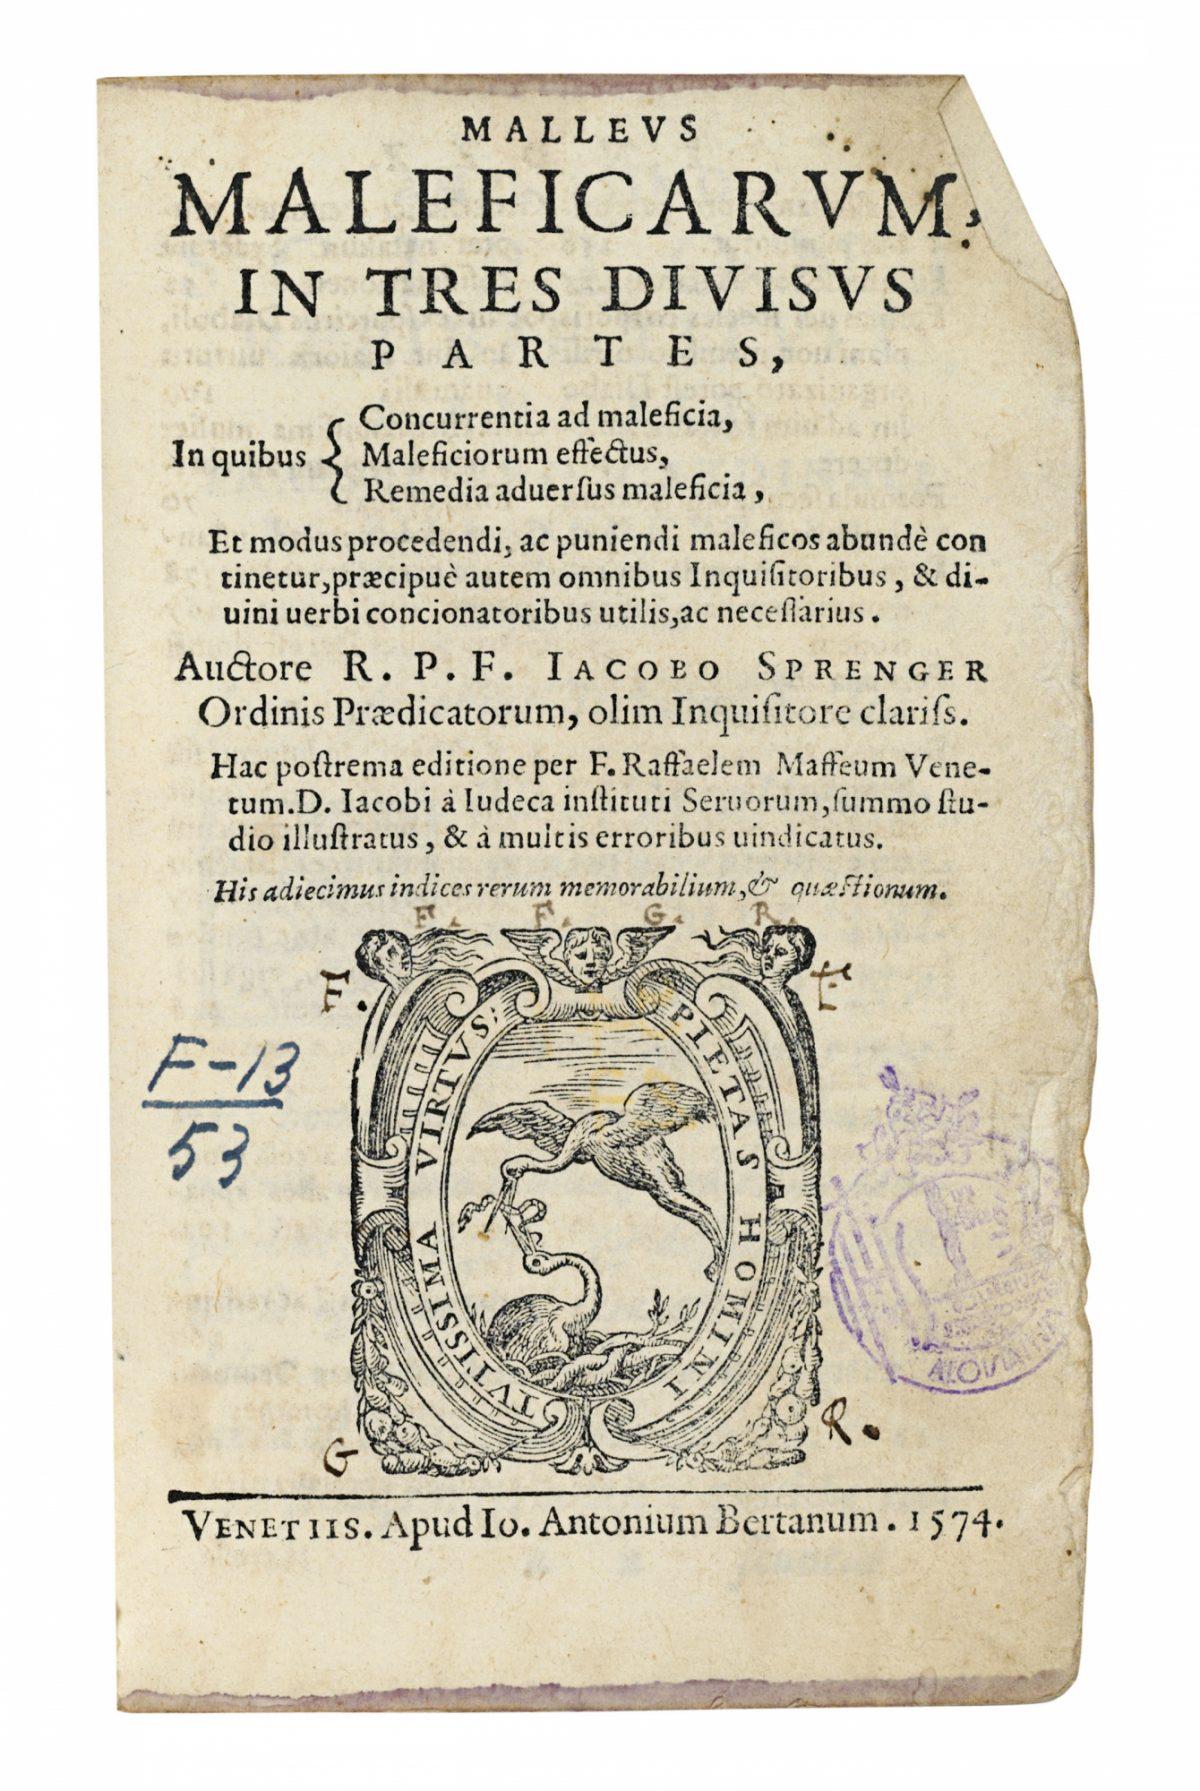 2013 Csk 09702 0350 000Strenger Jacobus Malleus Maleficarum In Tres Divisus Partes In Quibus110800